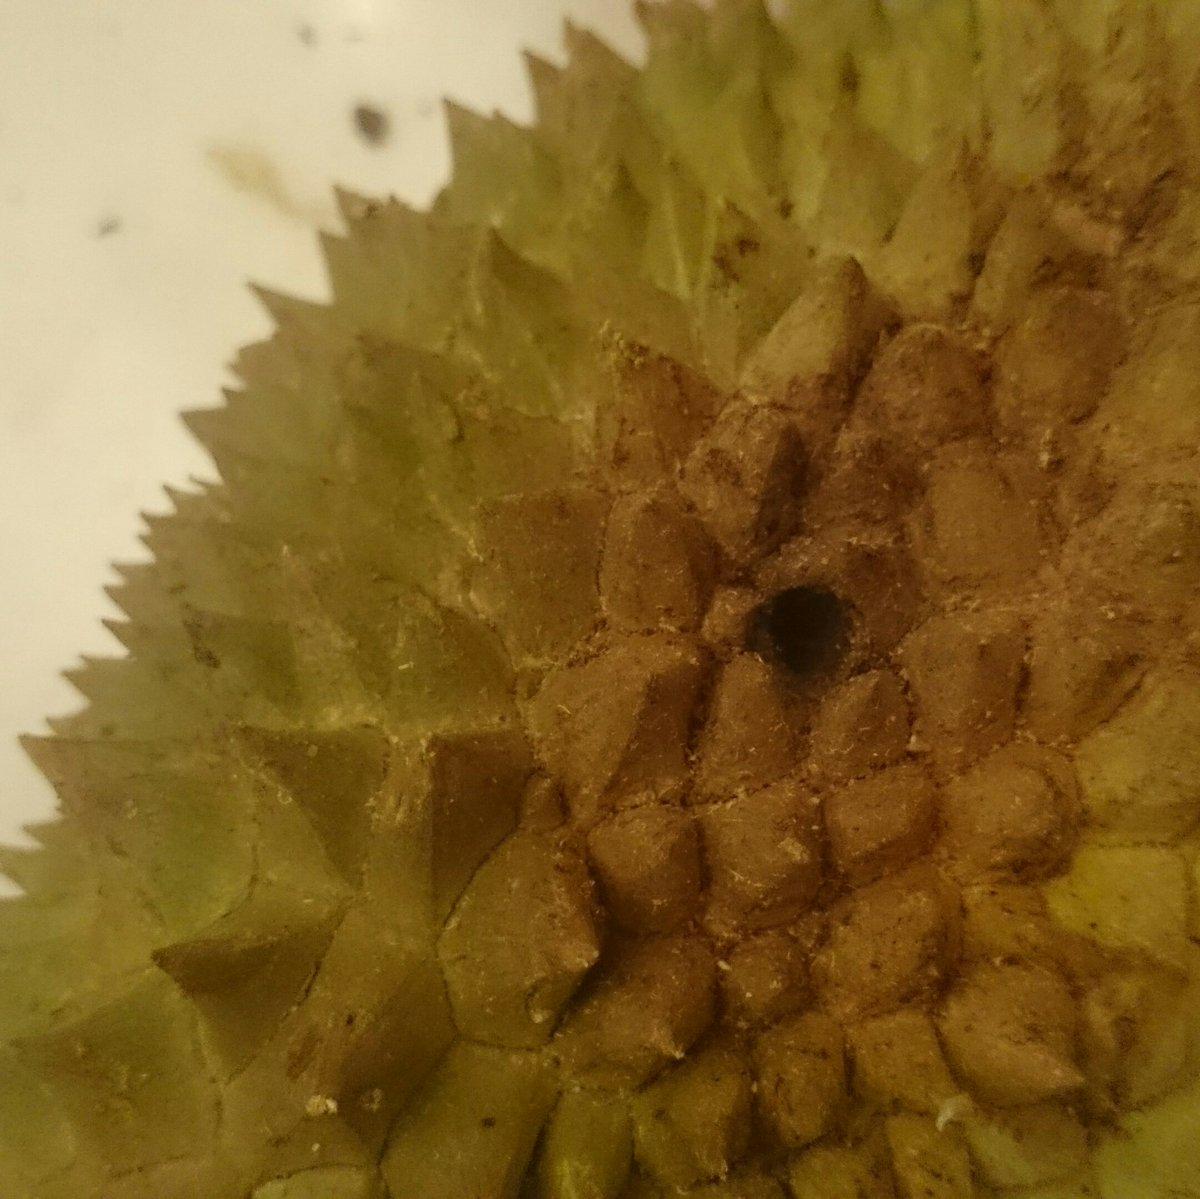 D Sein On Twitter Hehehe Btw Ulat Buah Boleh Dimakan Ye Sbb Bukan Apa Yg Durian Season Lepas Yg Byk Dri Siam Tu Even Ulat N Lalat Pun Taknak Dkt Itu Tandanya